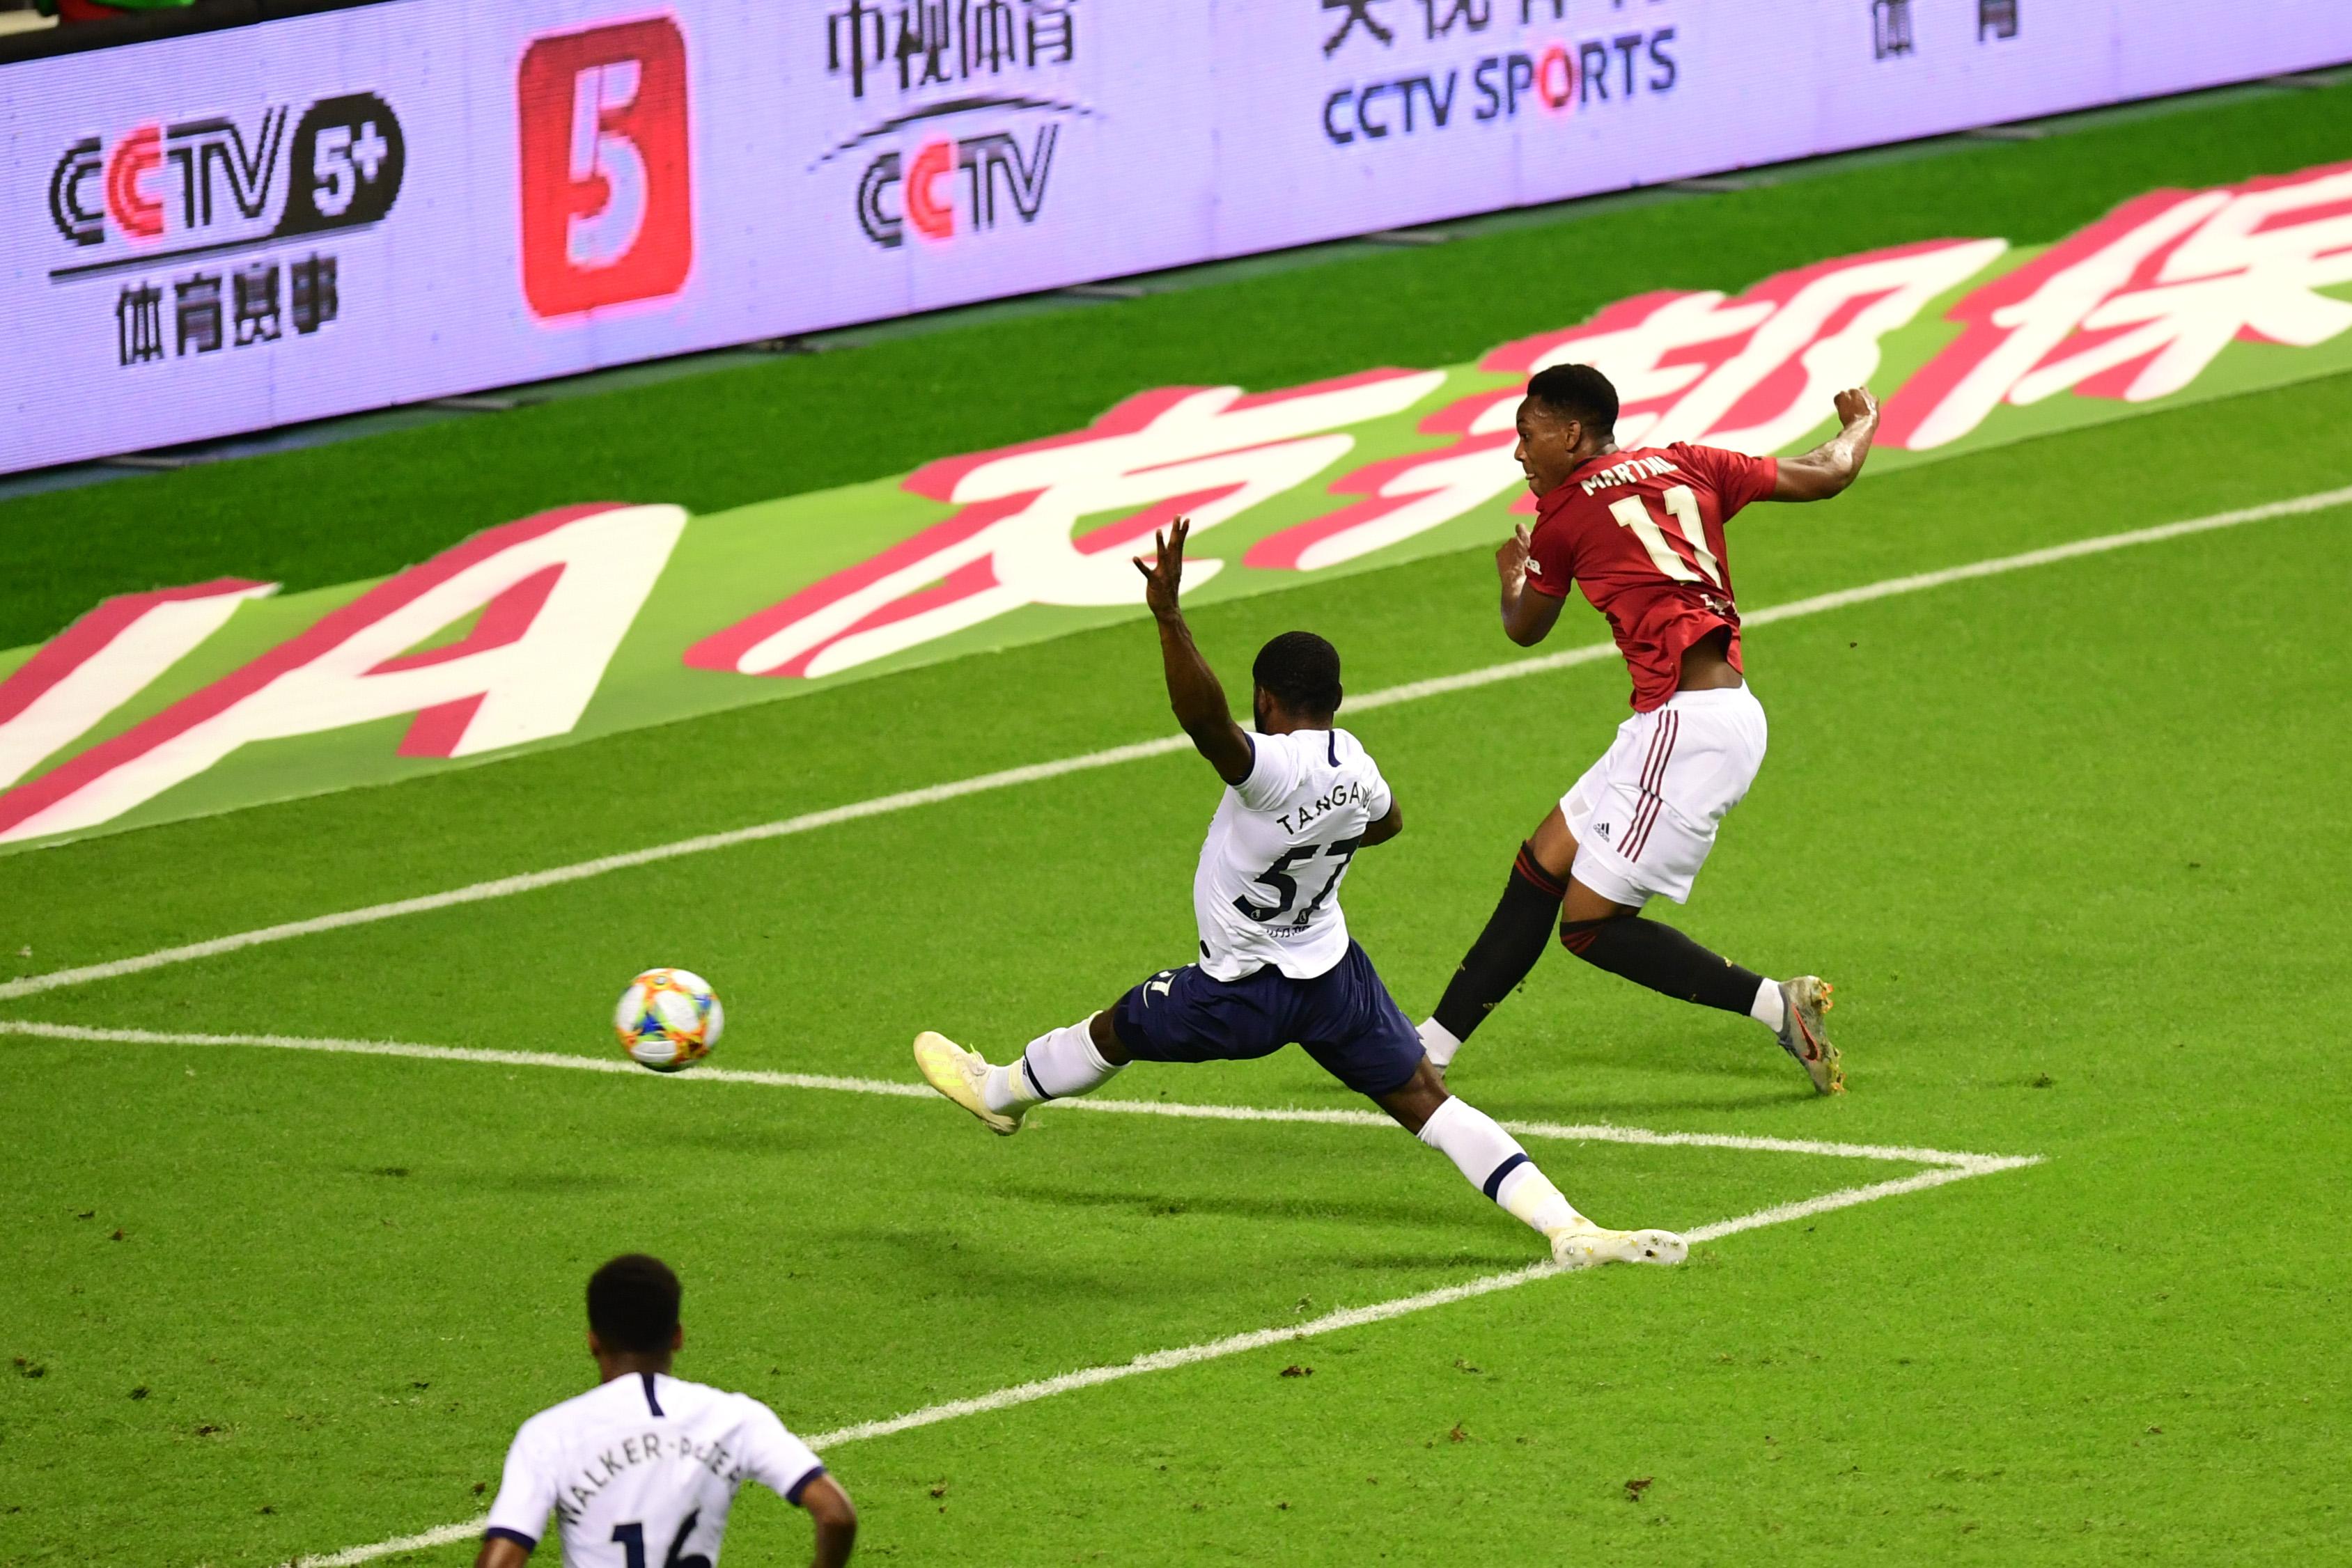 红魔曼联战胜热刺 ,2019国际冠军杯中国赛圆满收官